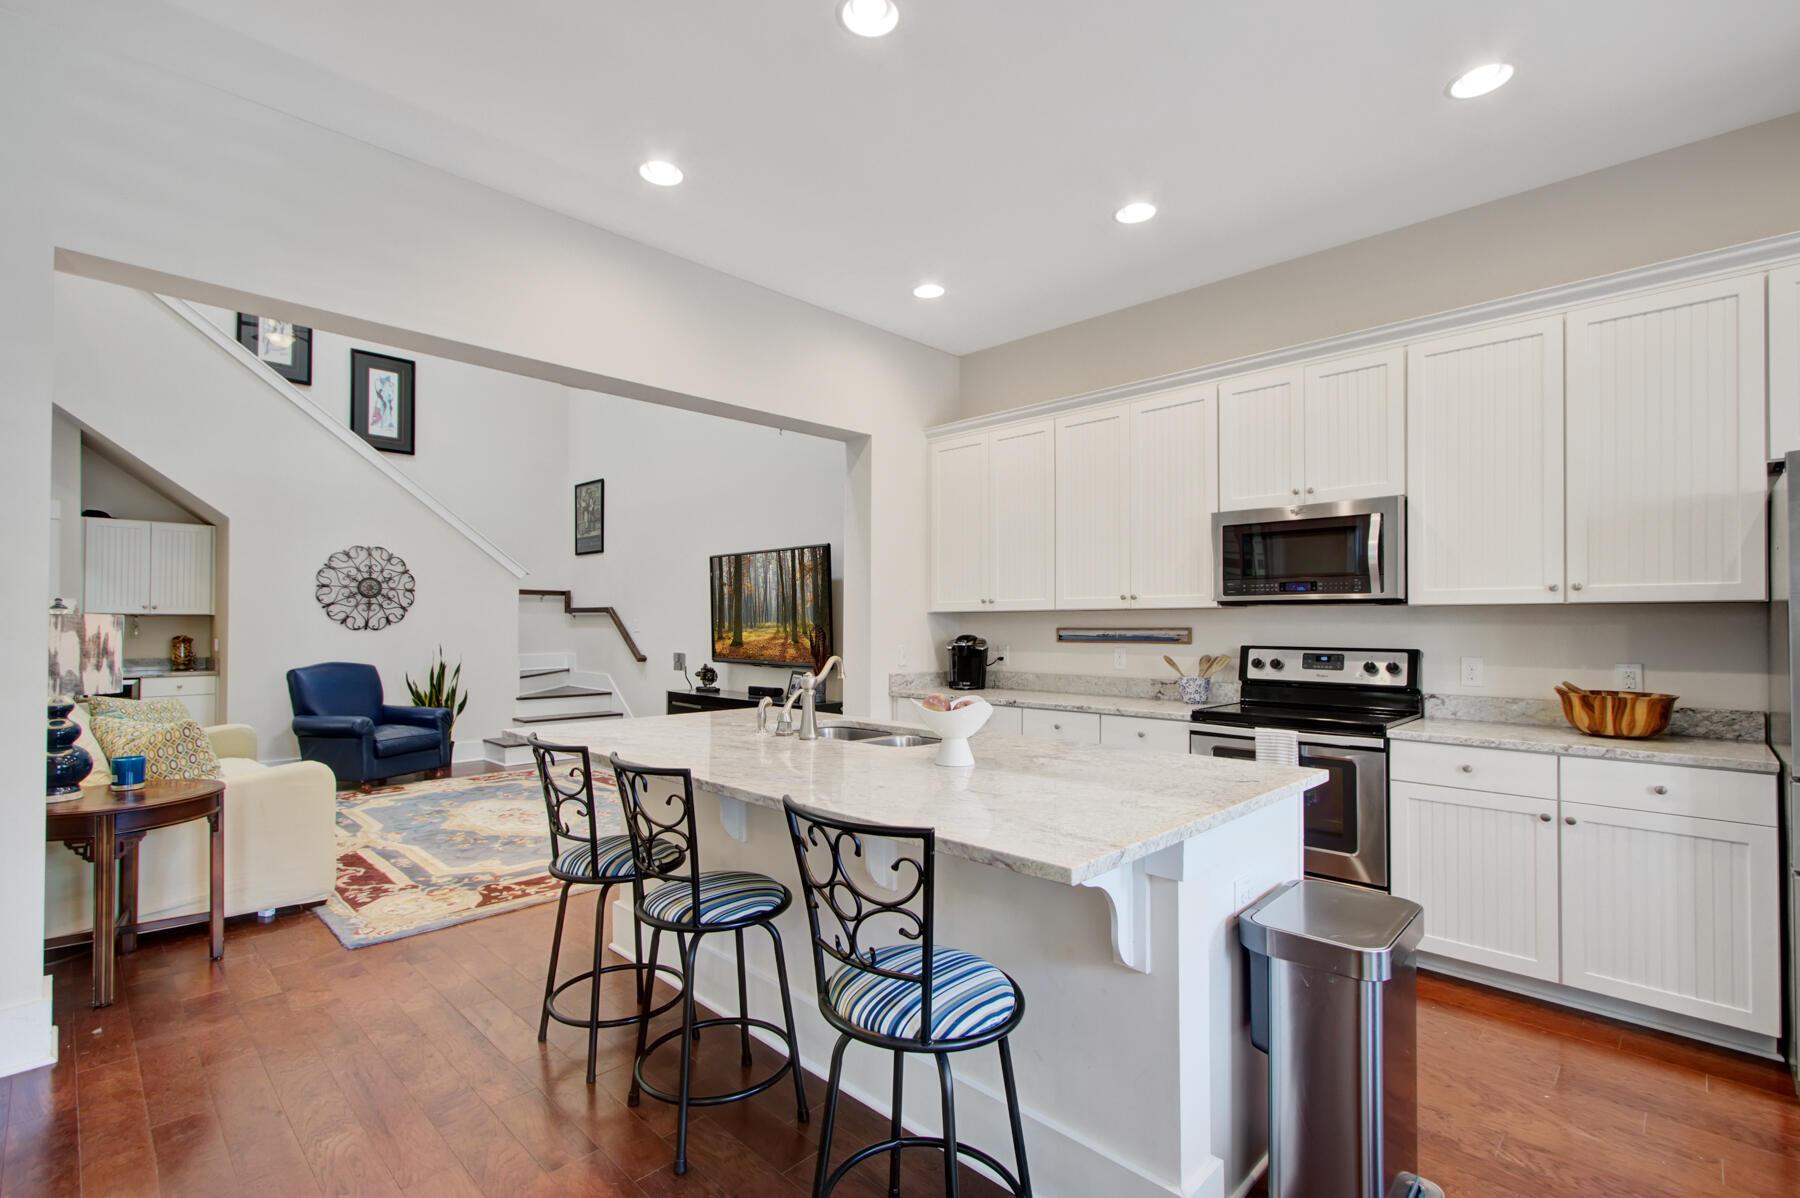 Moultrie Park Homes For Sale - 610 Ellingson, Mount Pleasant, SC - 24